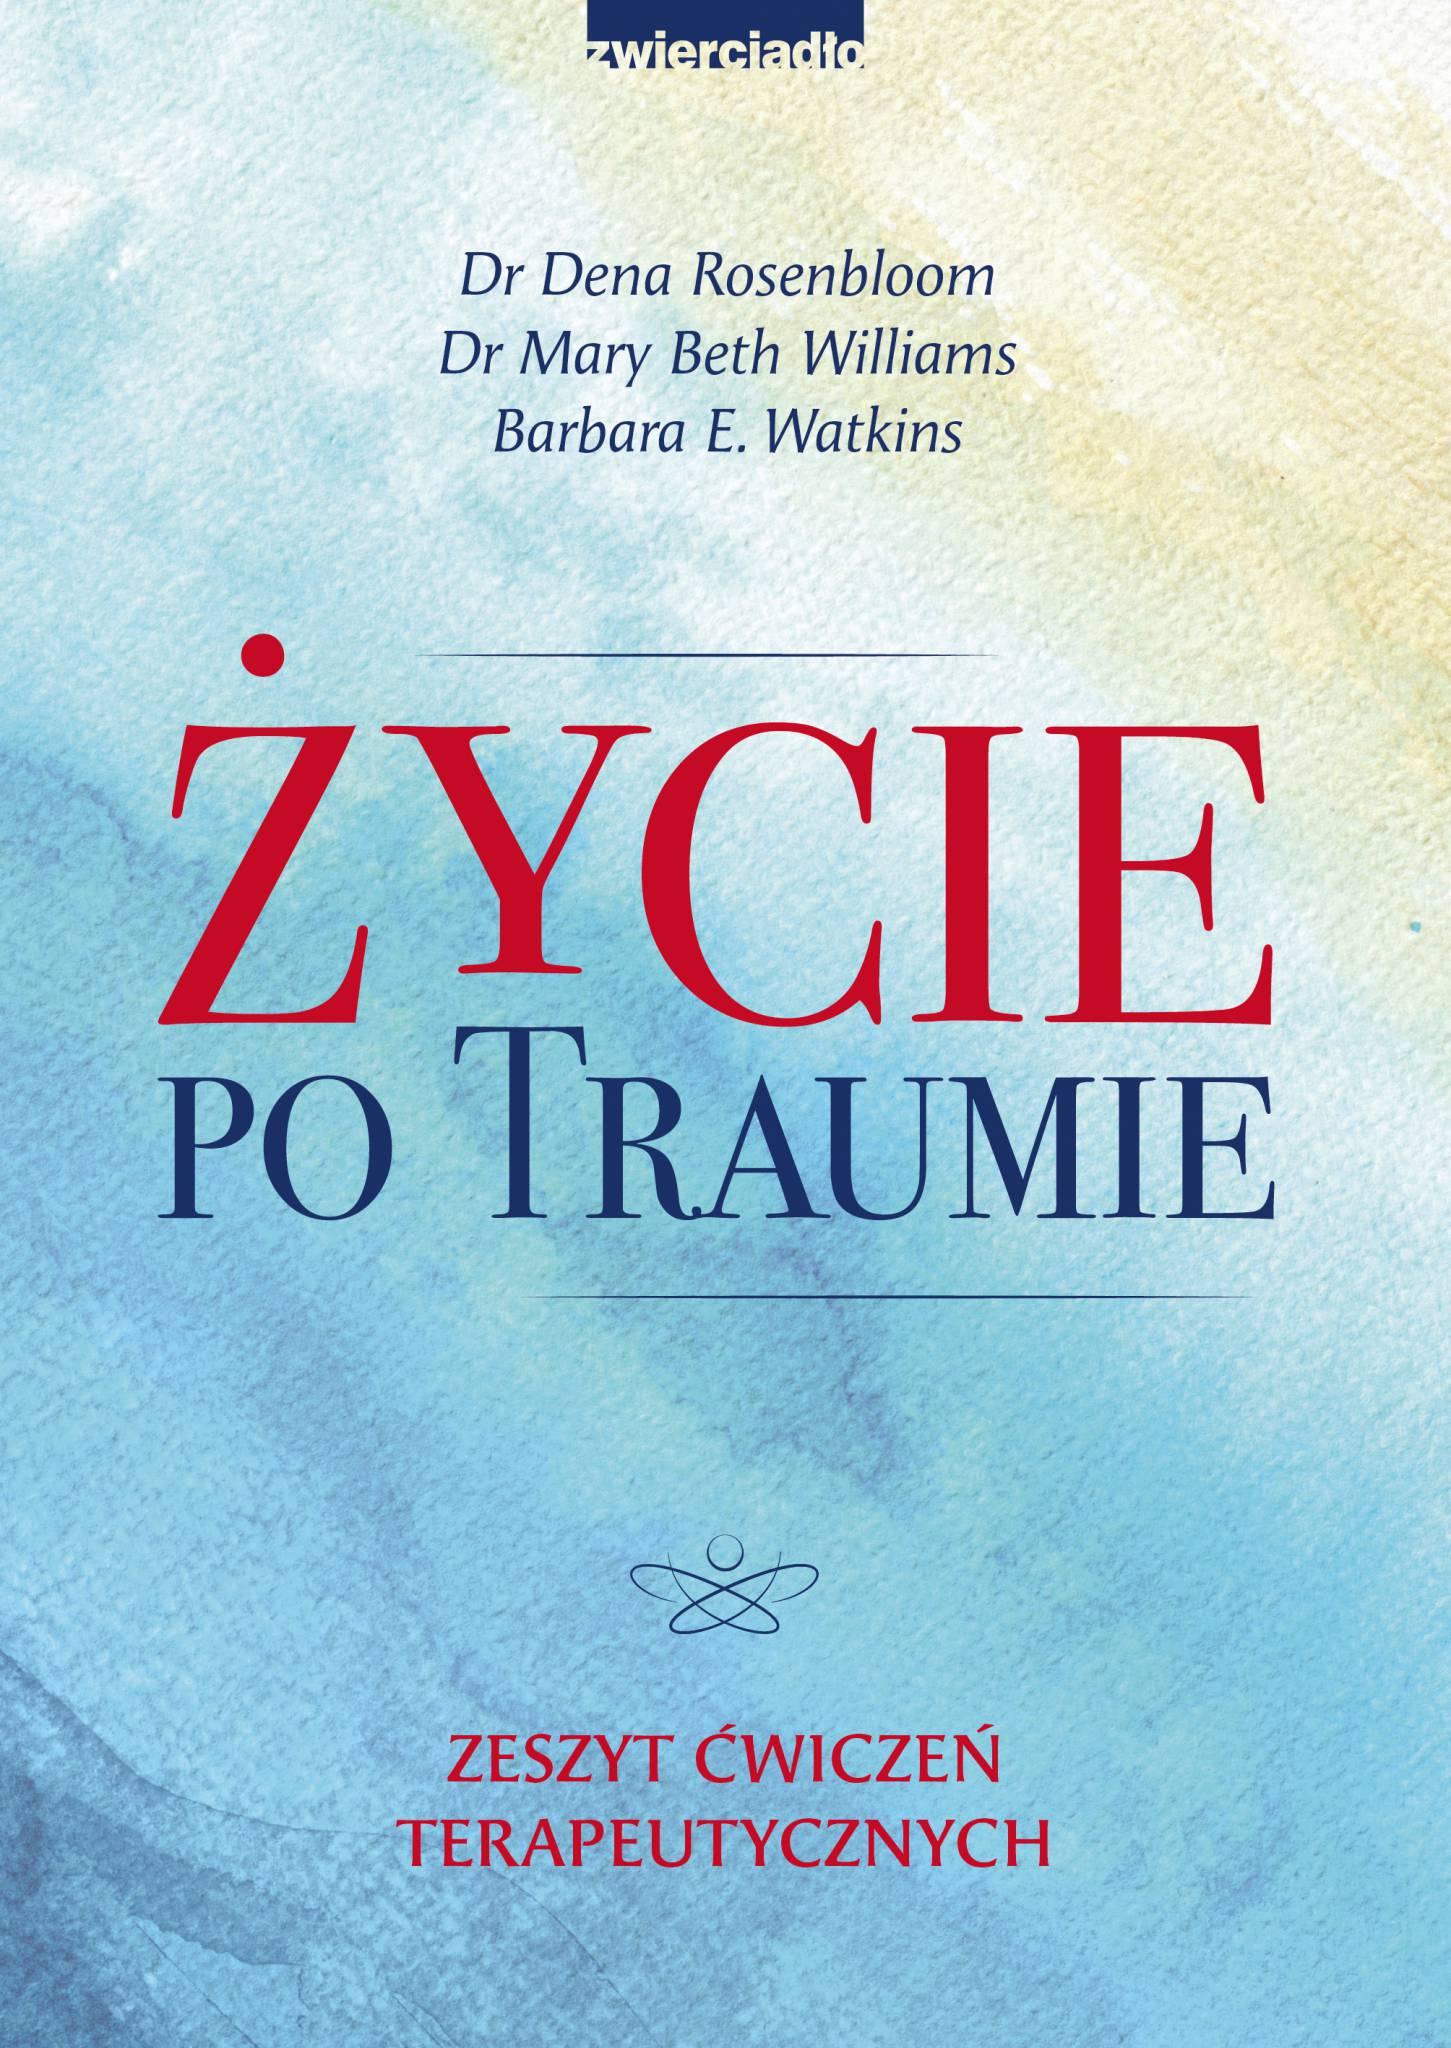 Życie po traumie. Zeszyt ćwiczeń terapeutycznych  - Dr Dena Rosenbloom , Dr Mary Beth Williams , Barbara E. Watkins